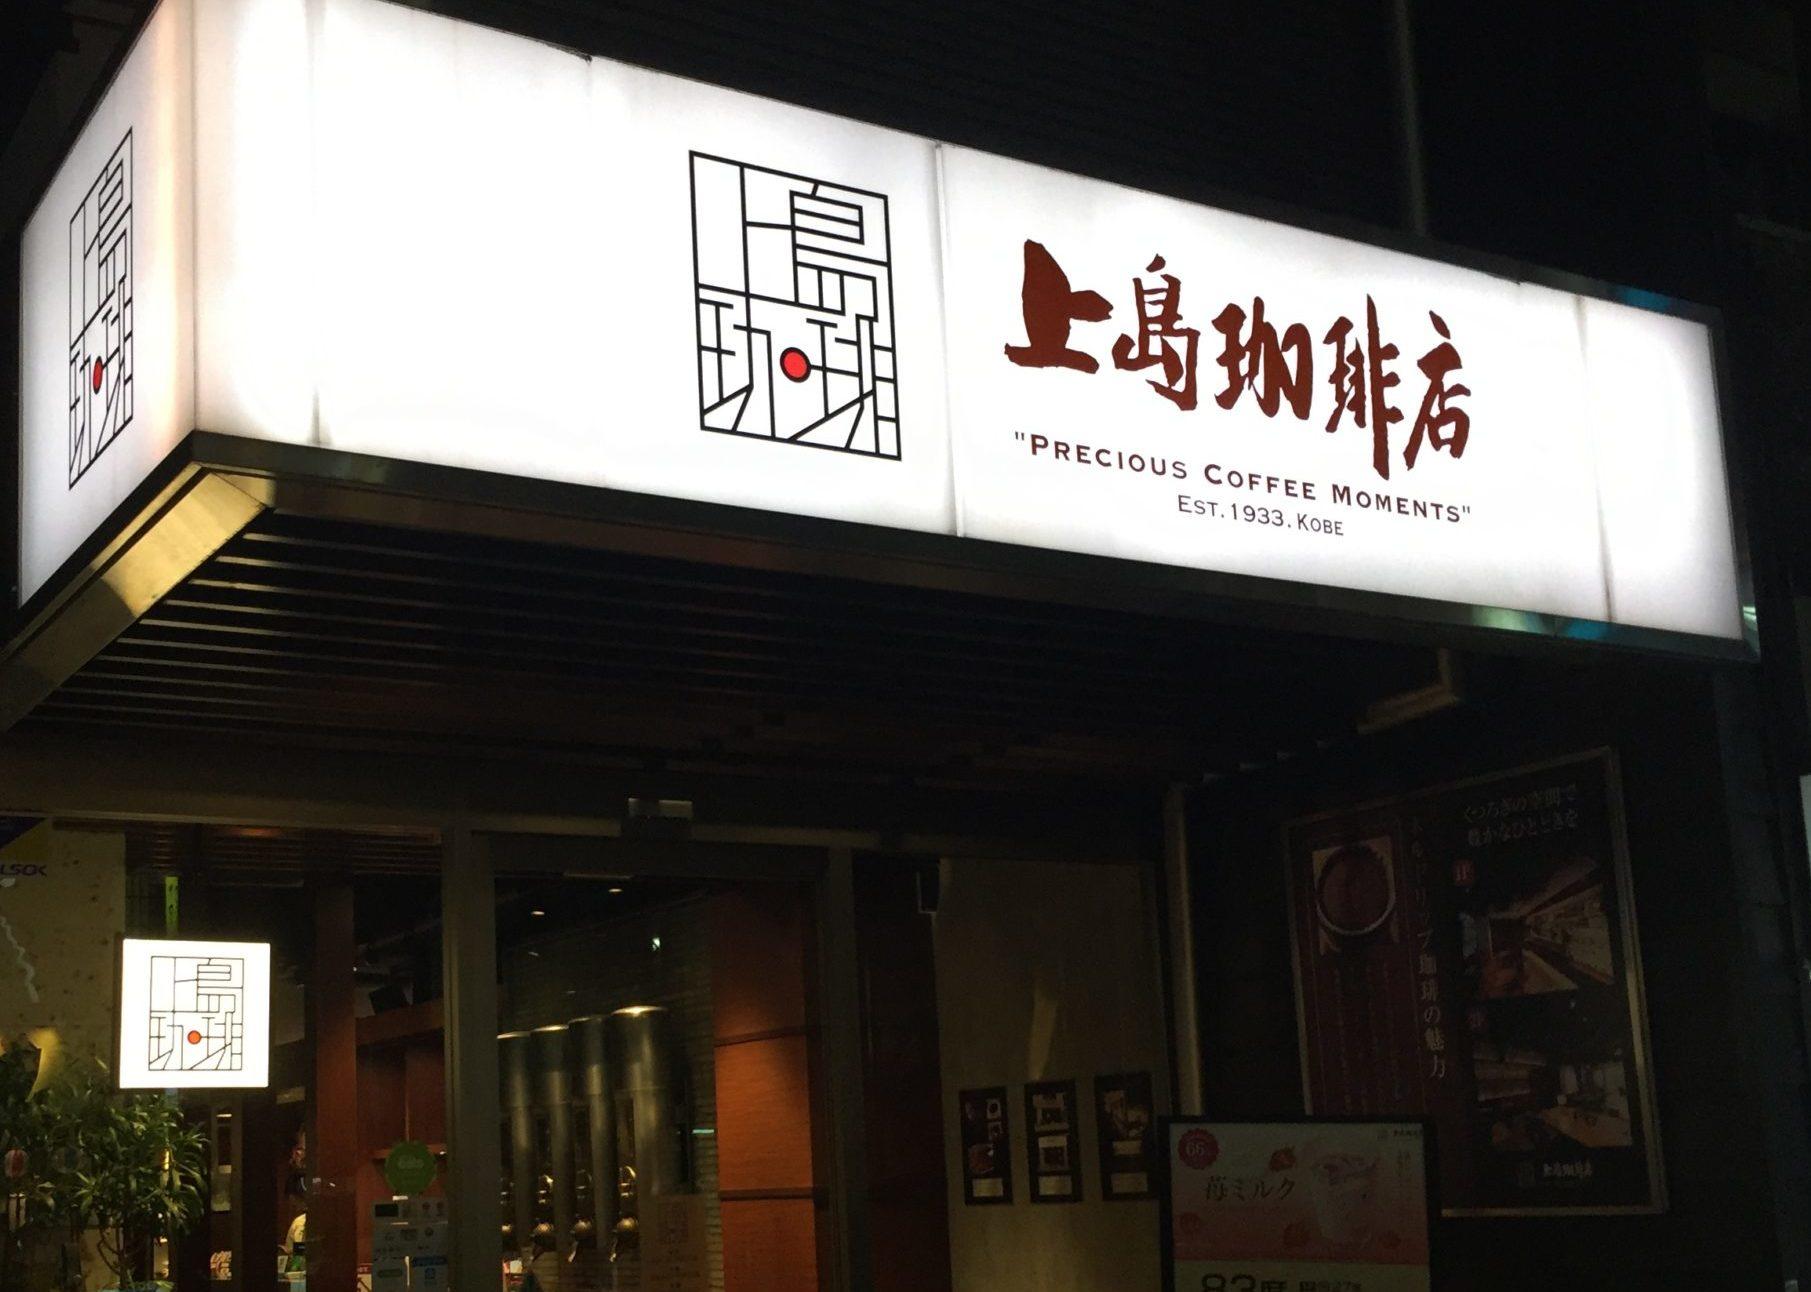 国会議事堂駅6番出口 電源カフェ 上島珈琲店 東急キャピトルタワー店 Wi-Fi